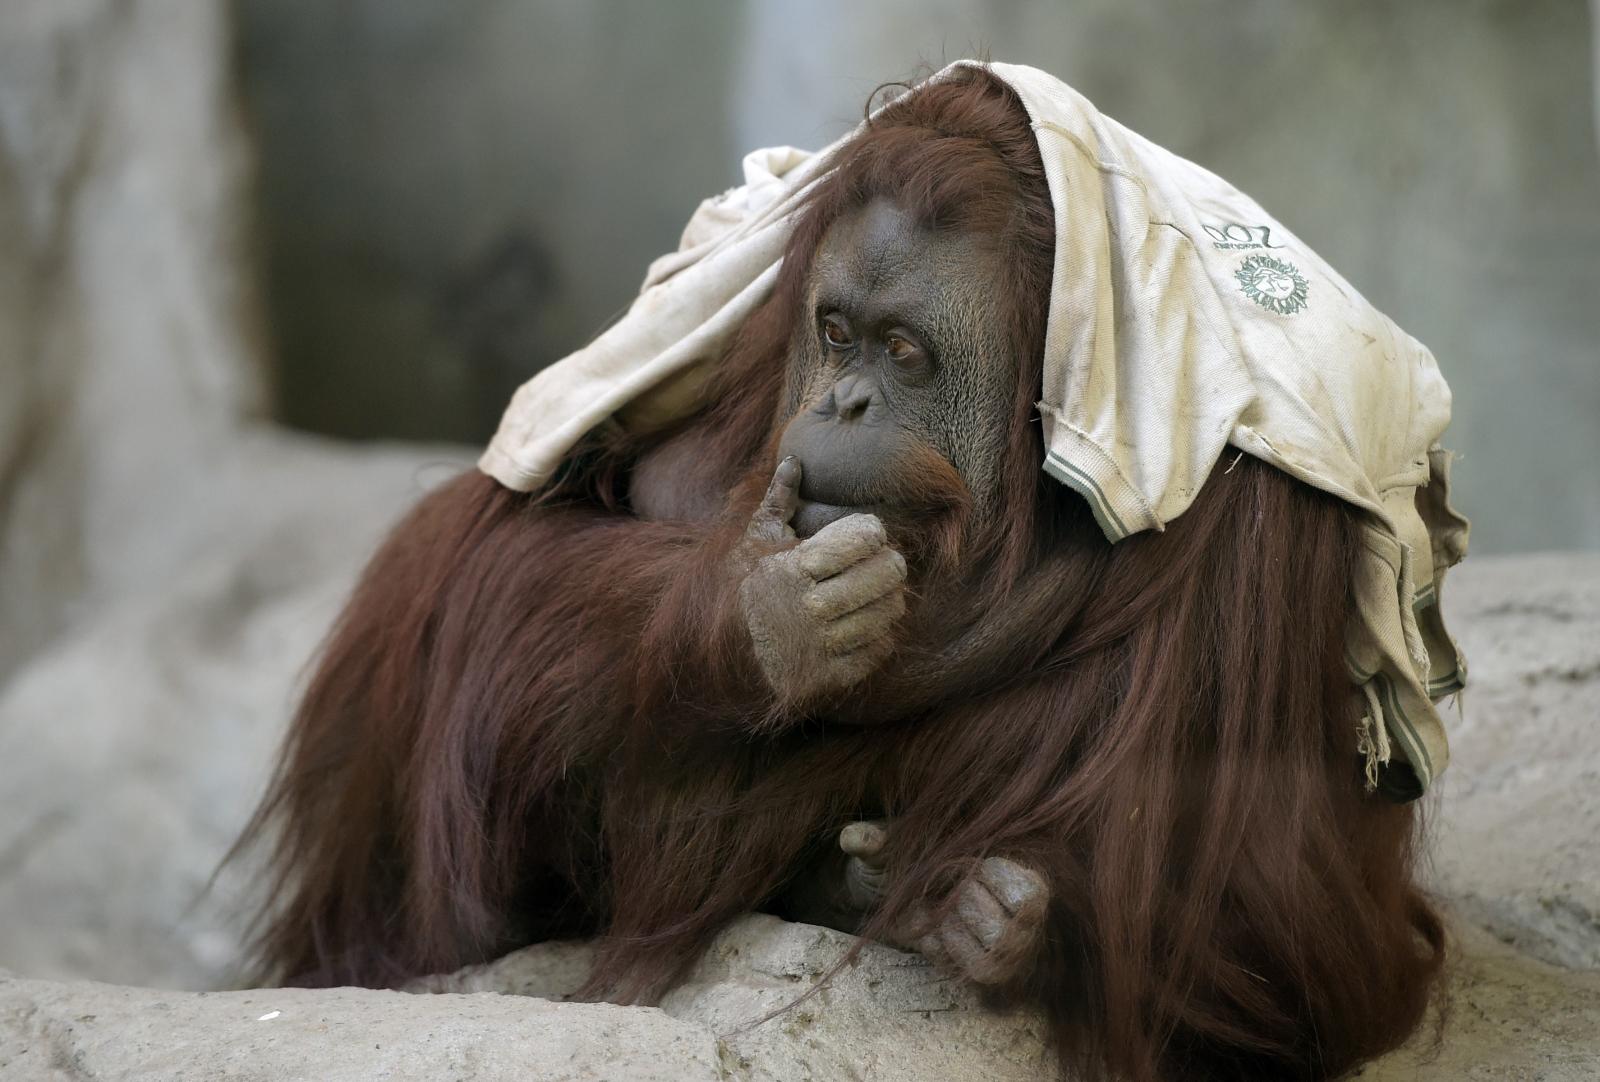 An orangutan at Buenos Aires' zoo